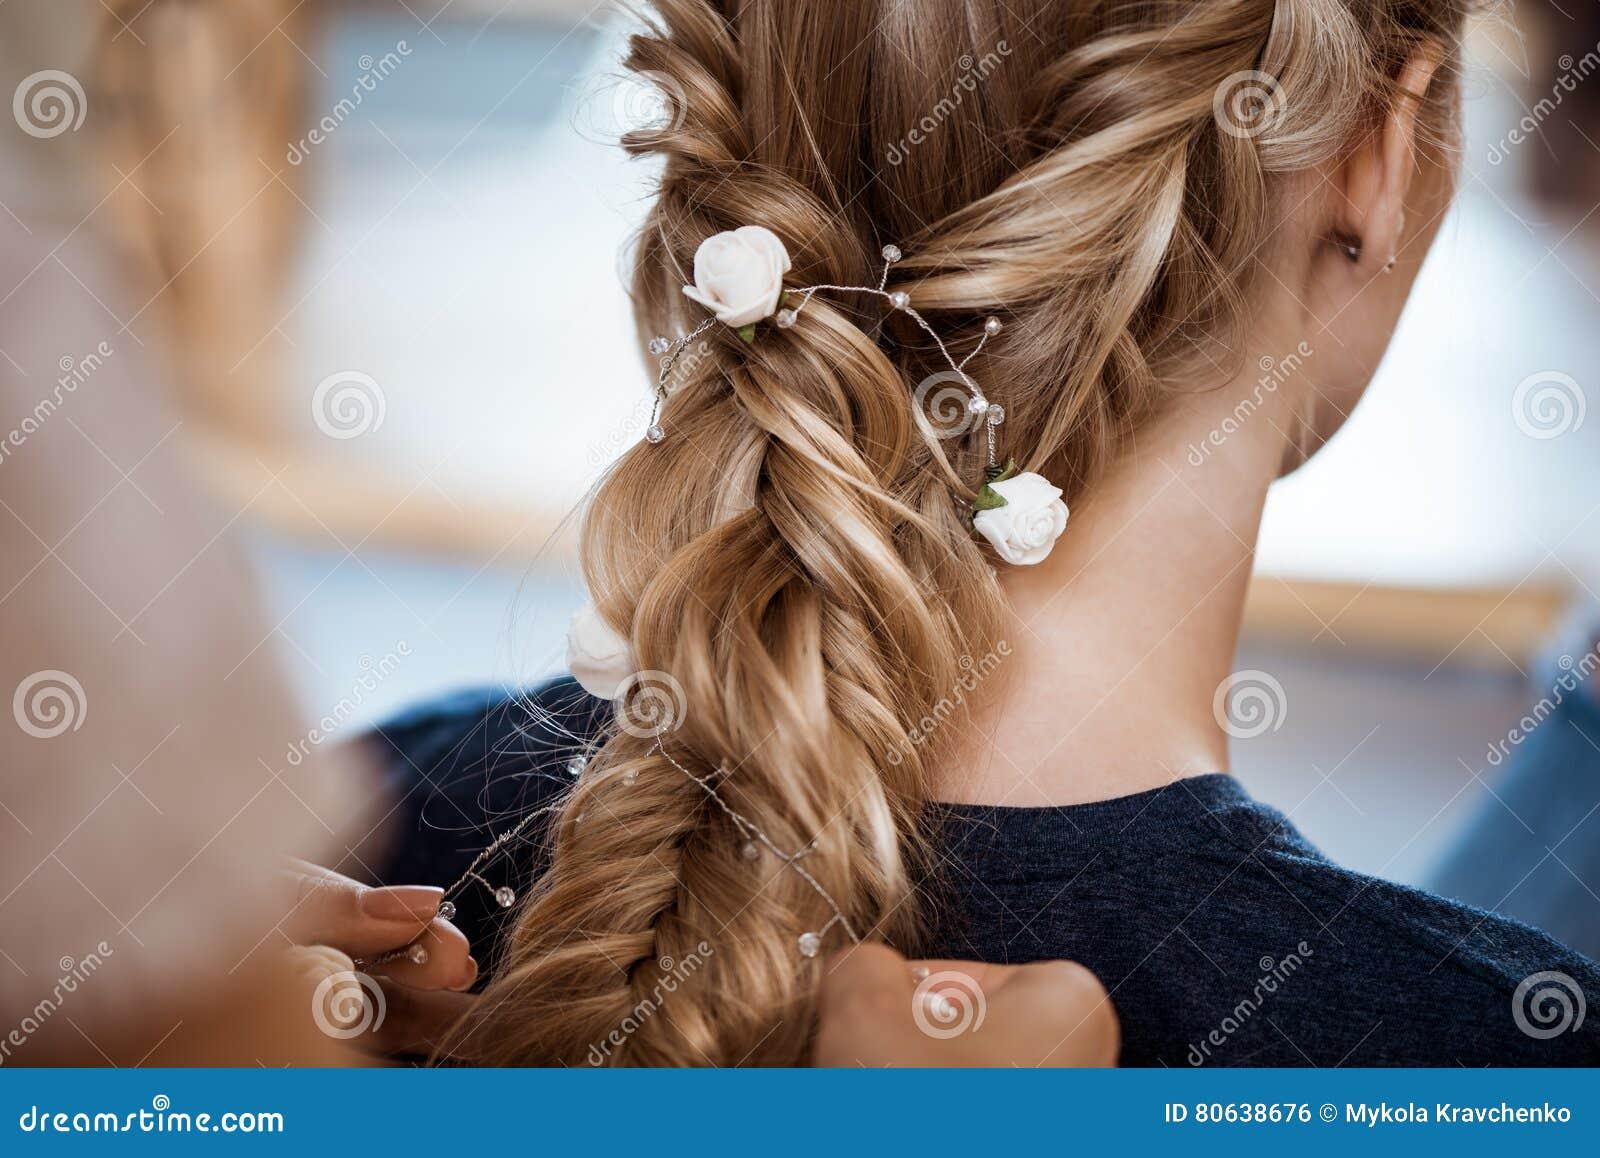 Kvinnlig frisördanandefrisyr till den blonda flickan i skönhetsalong